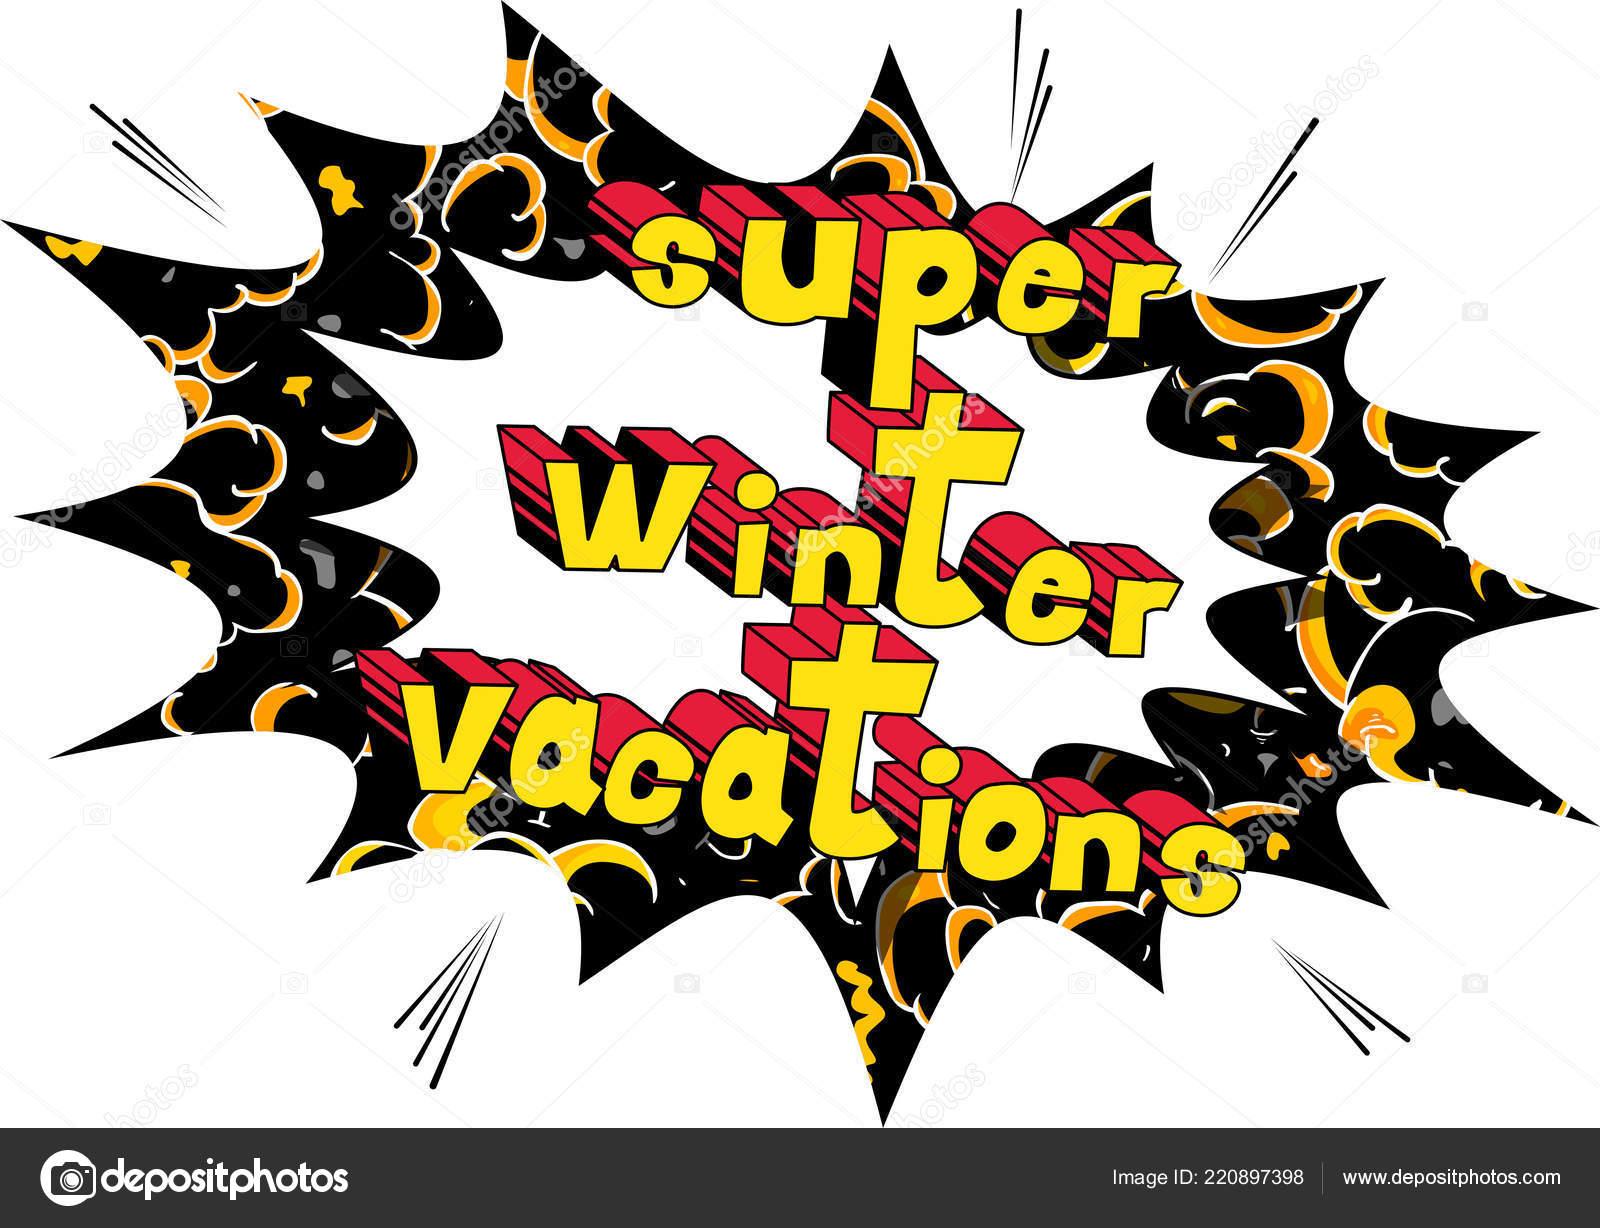 スーパー冬休み ベクトル イラスト コミック スタイル フレーズ